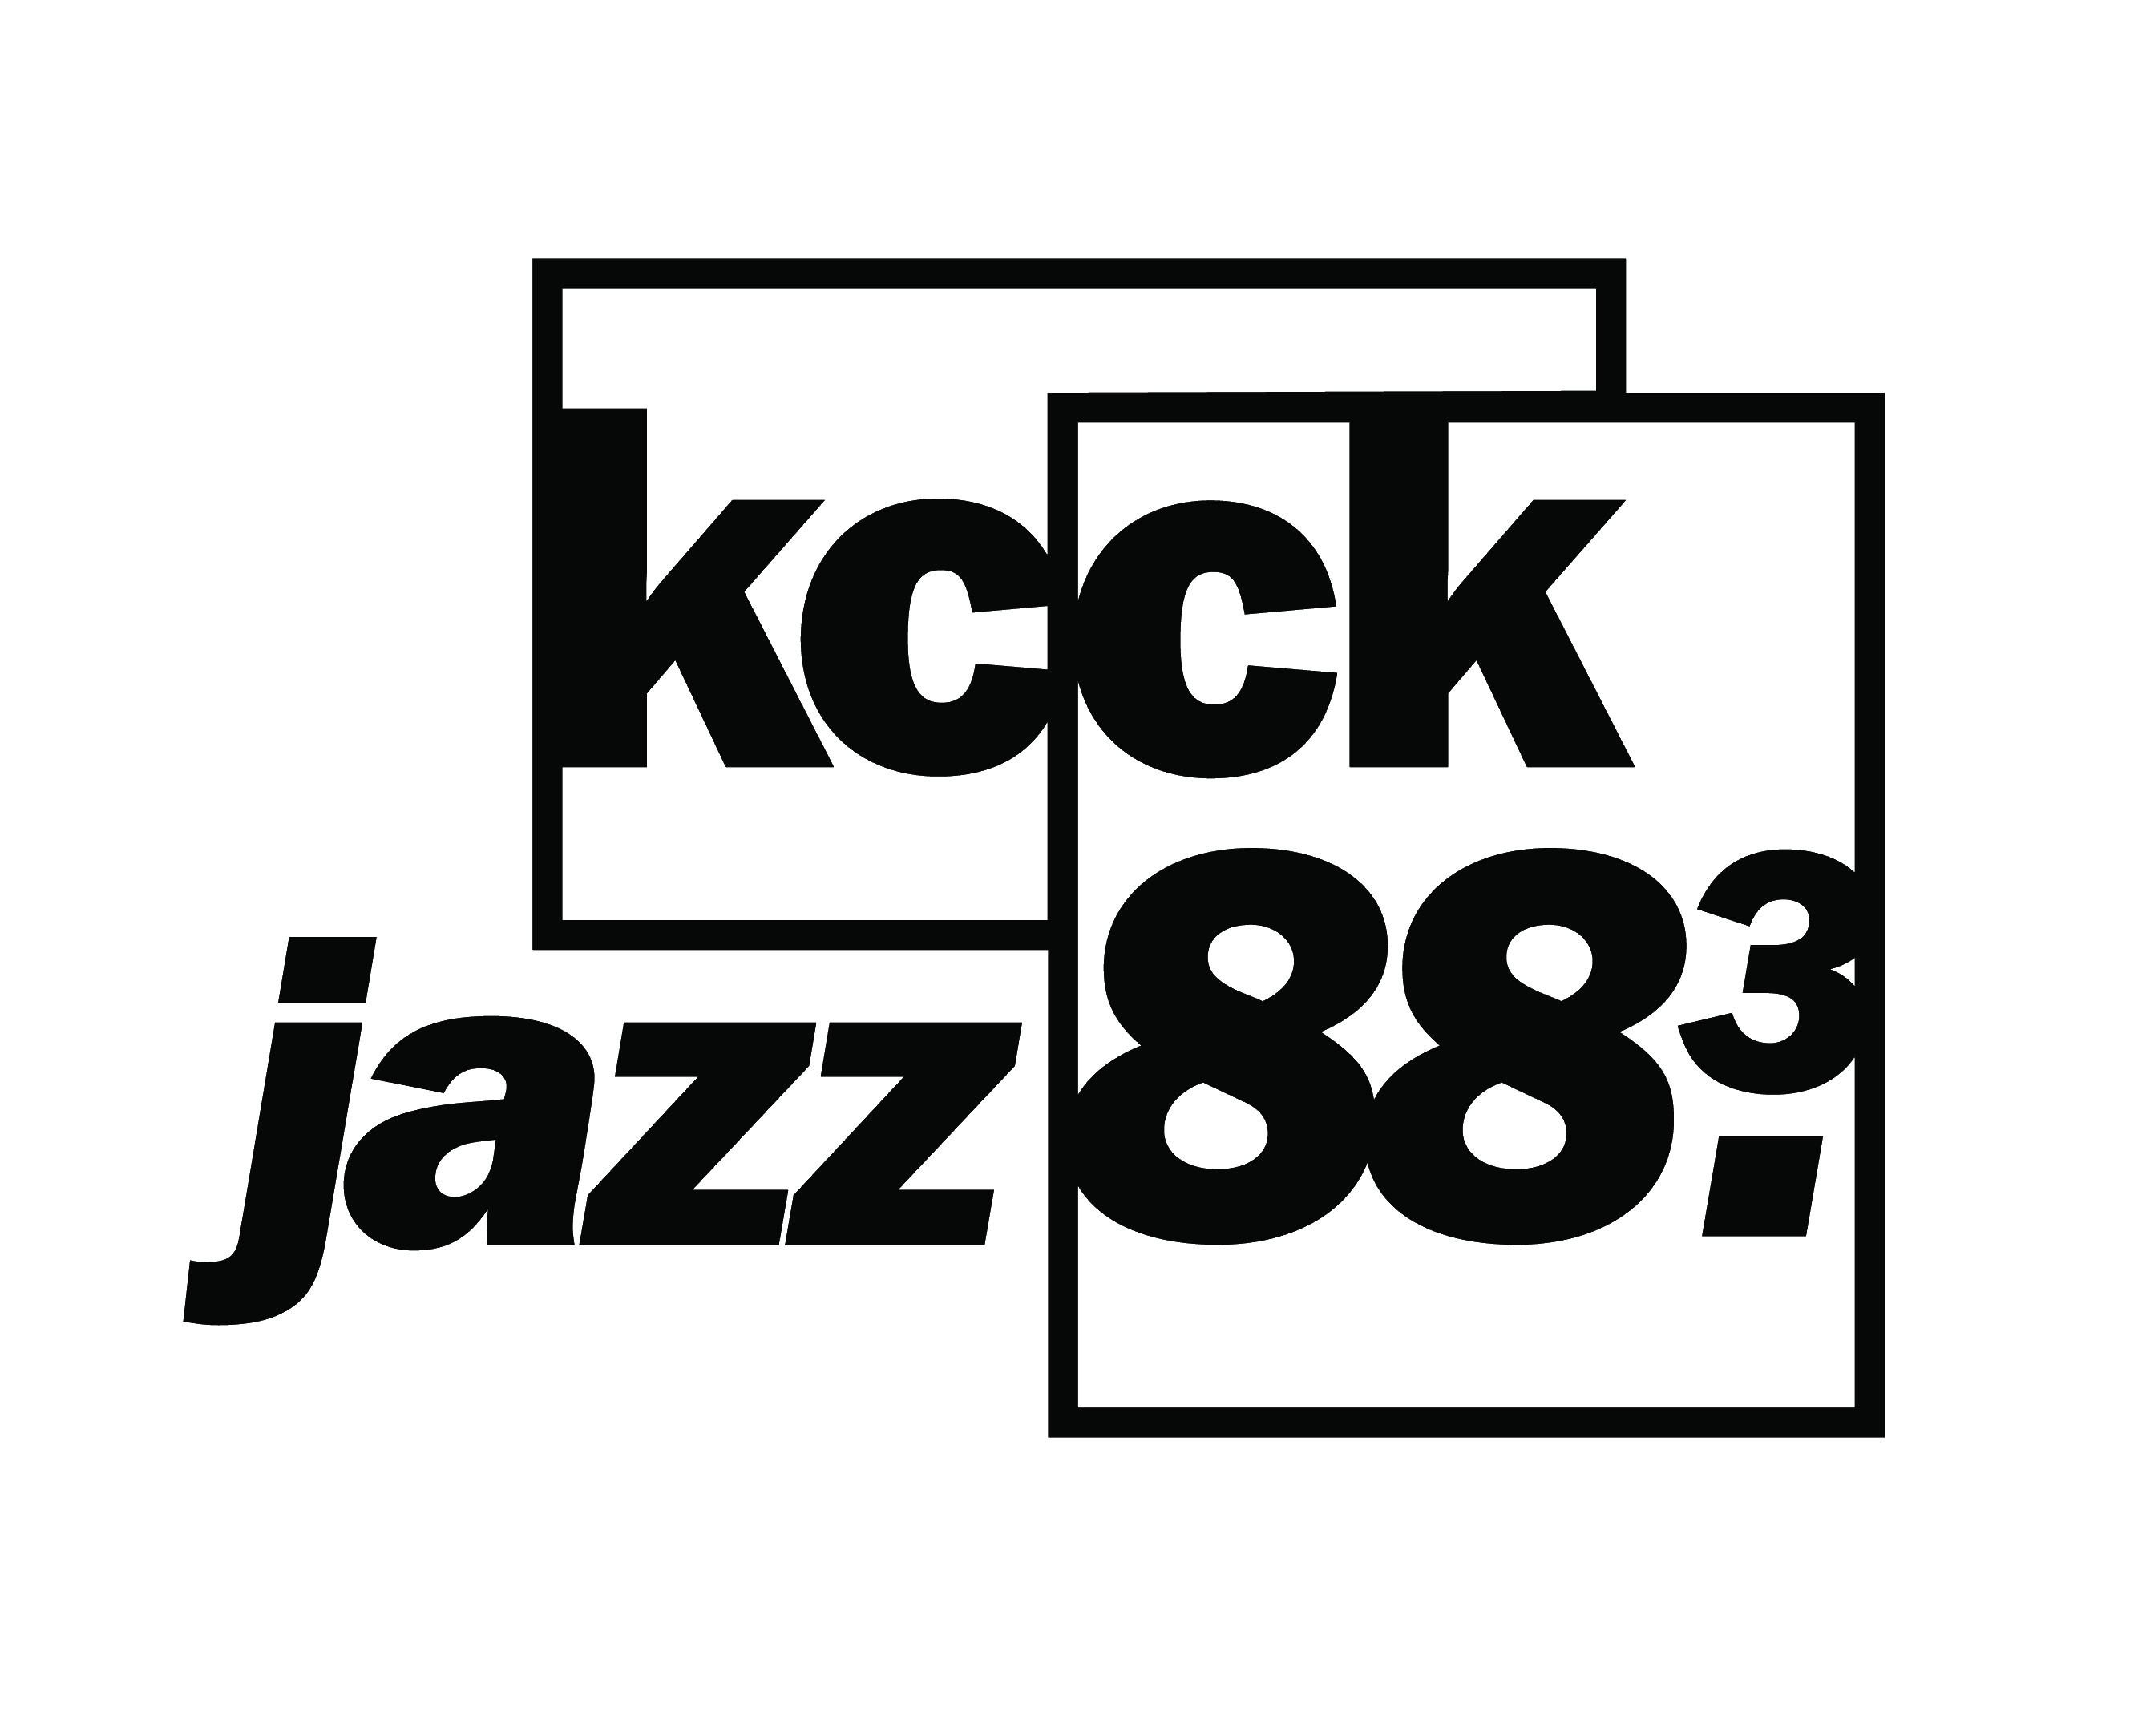 kcck_logo